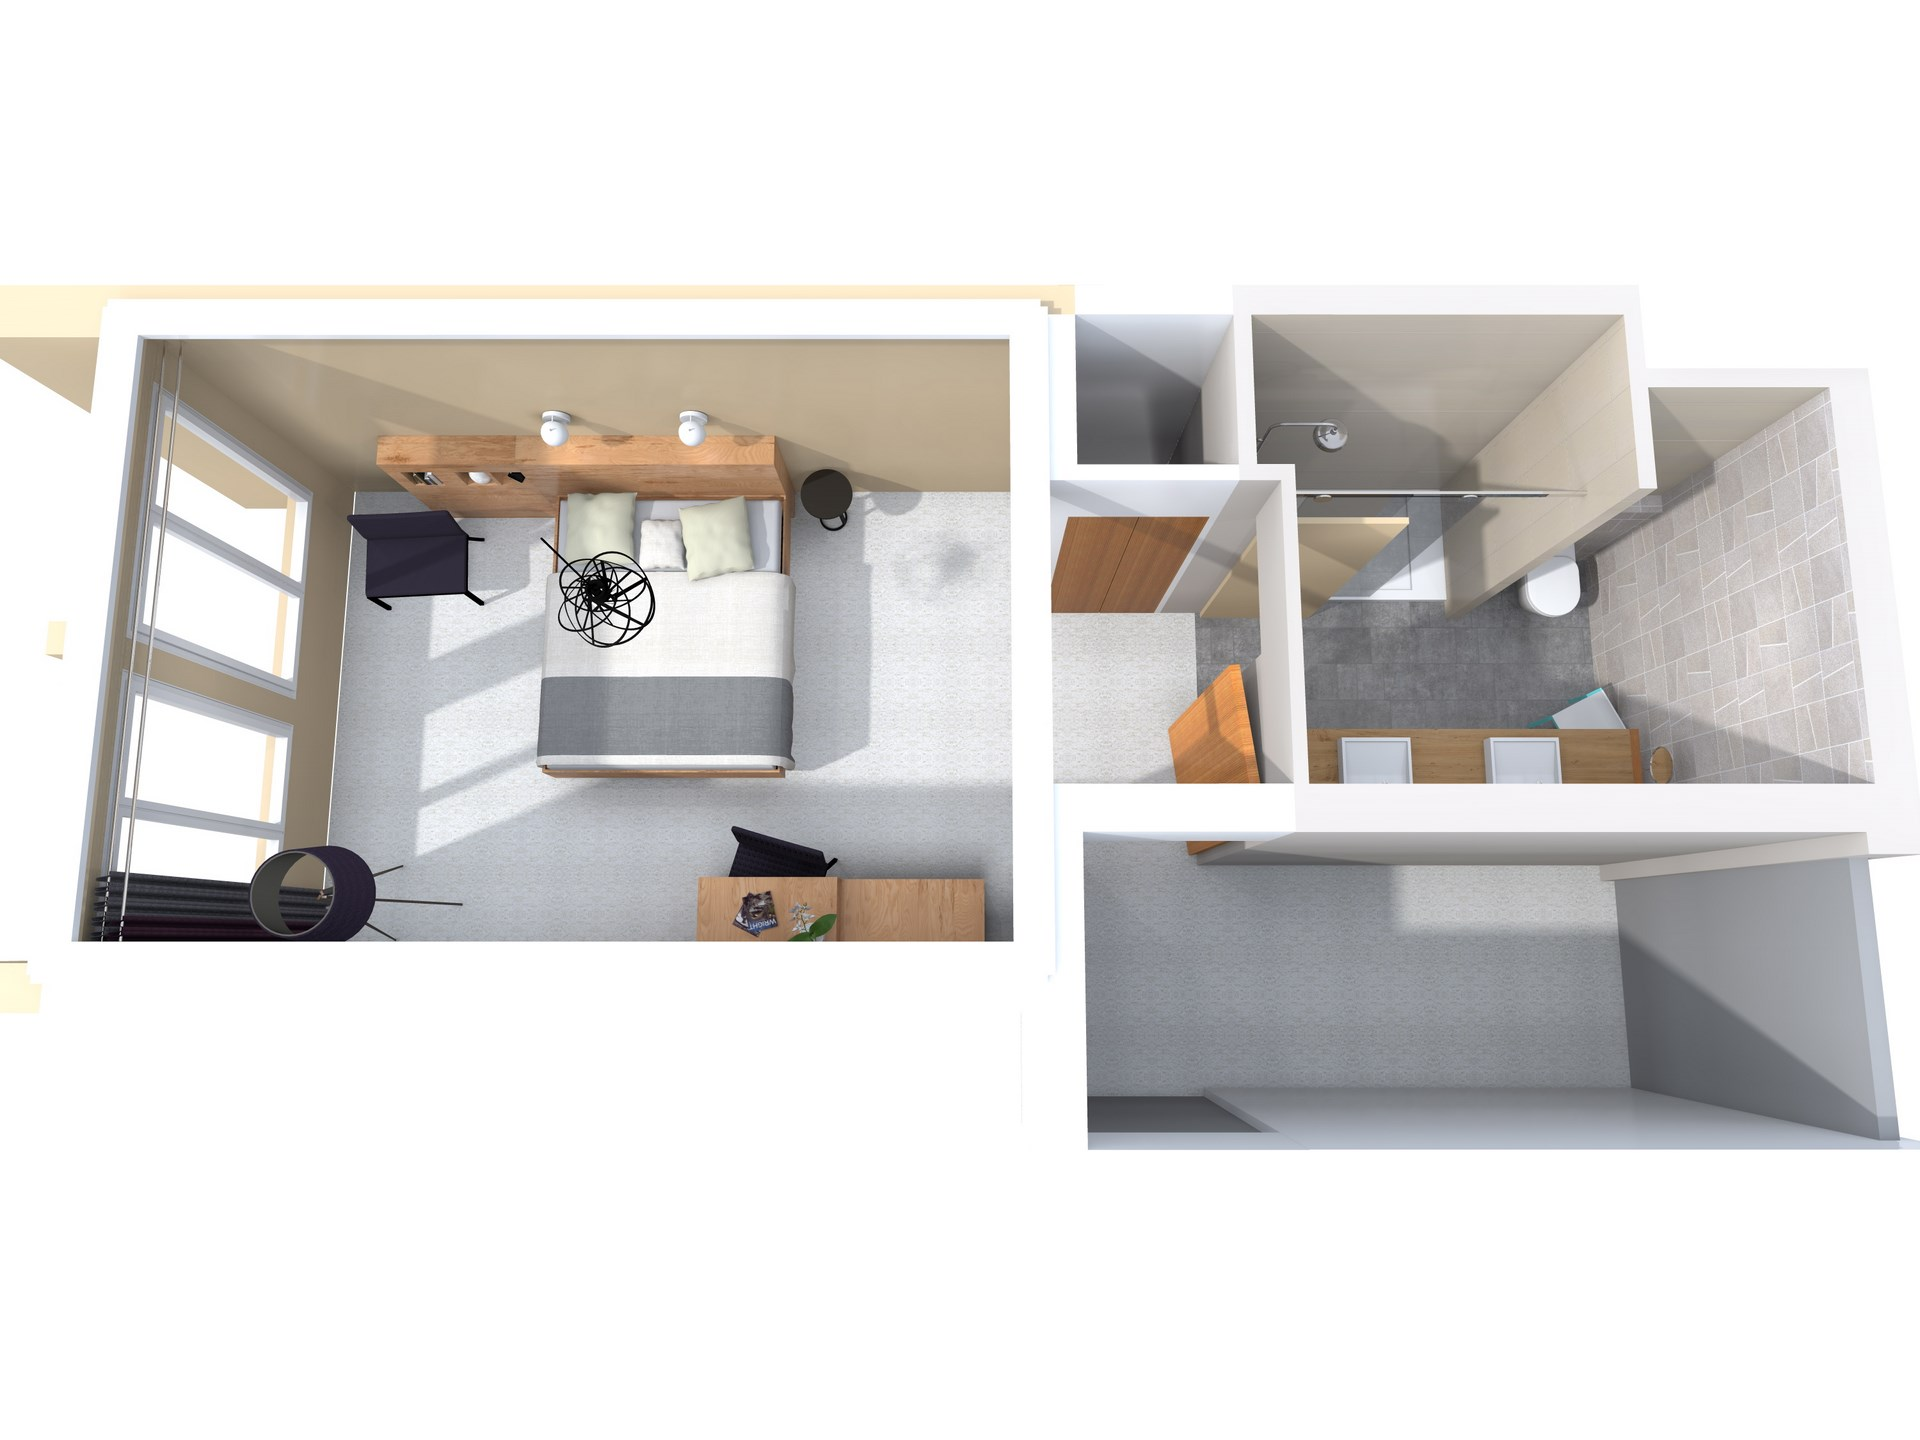 concept hotel chambre tete de lit 4 etoile luxe agence avous